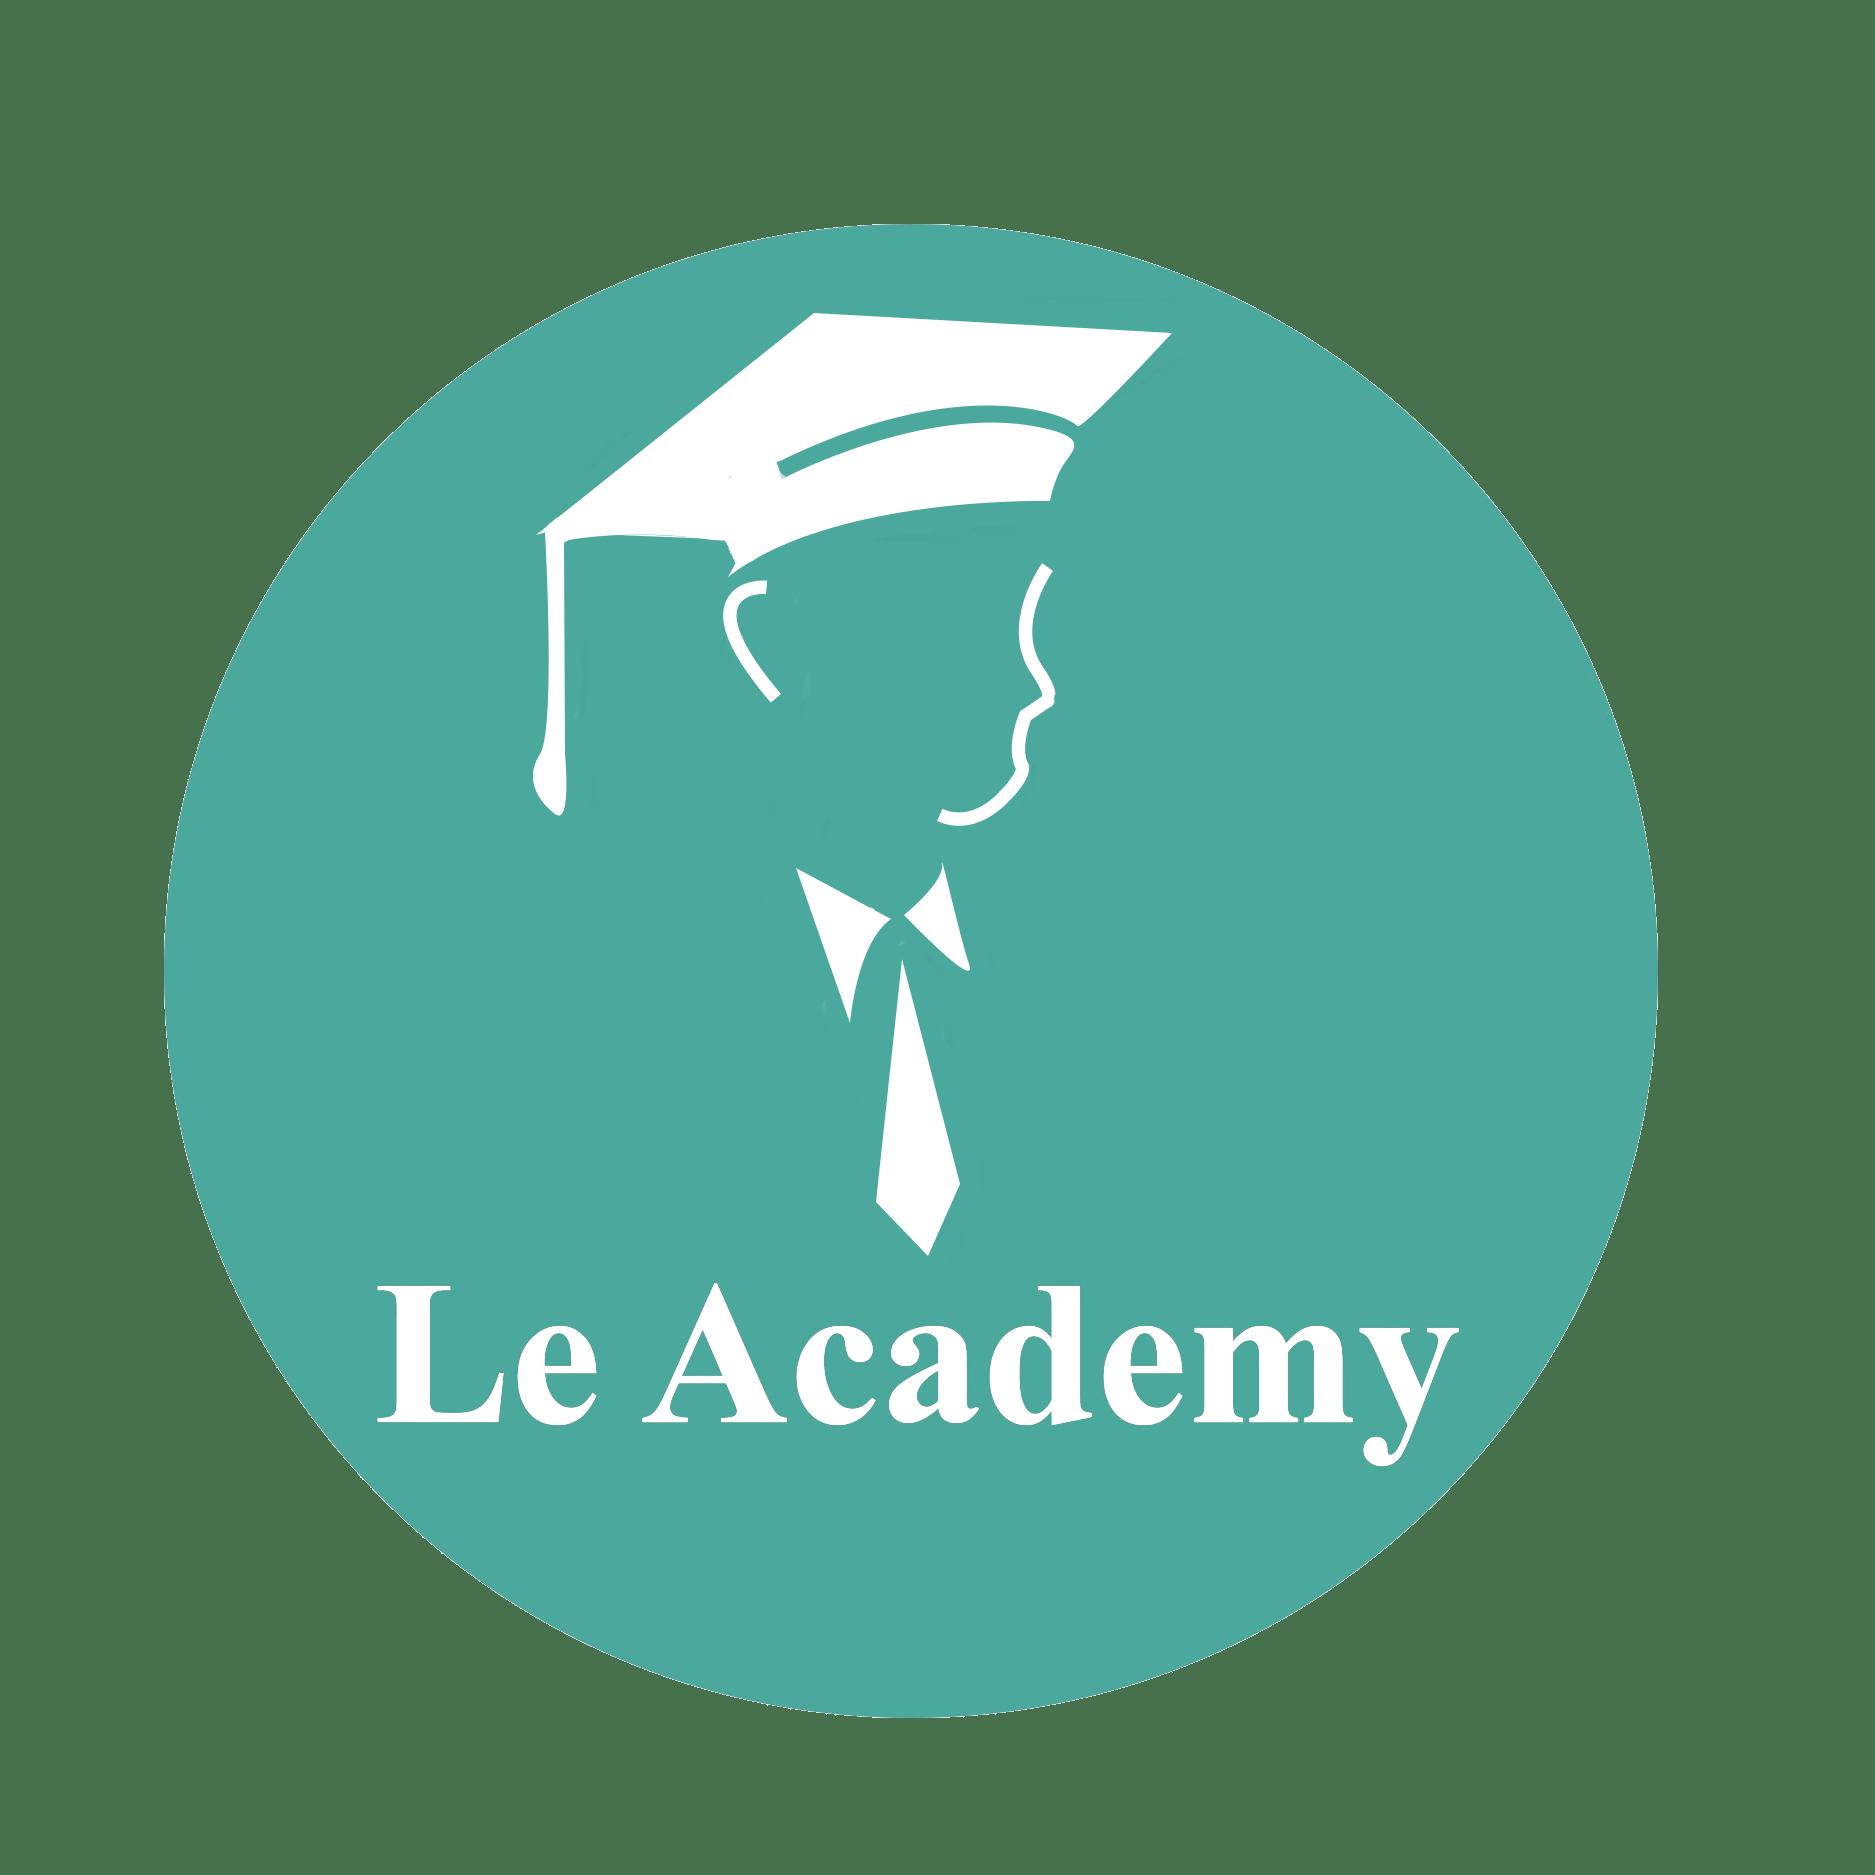 Le Academy